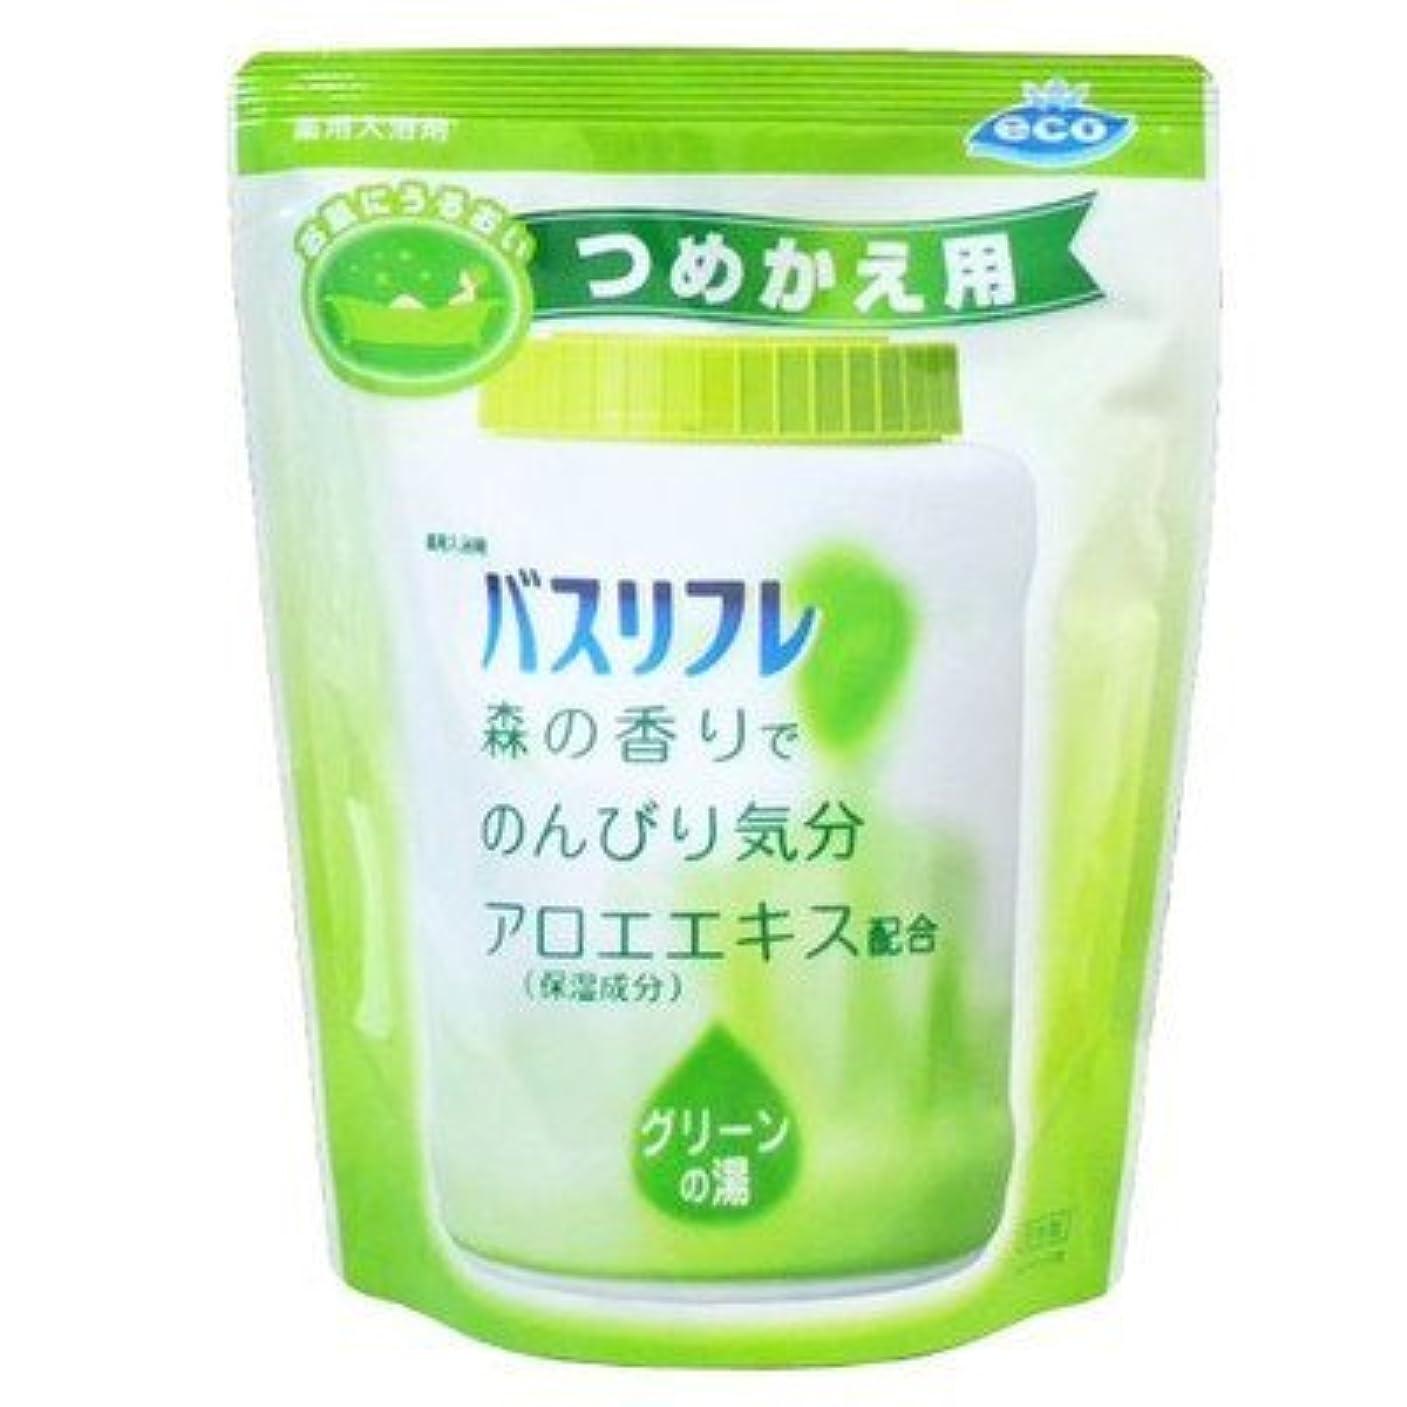 明らかにダーベビルのテス主権者薬用入浴剤 バスリフレ グリーンの湯 つめかえ用 540g 森の香り (ライオンケミカル) Japan